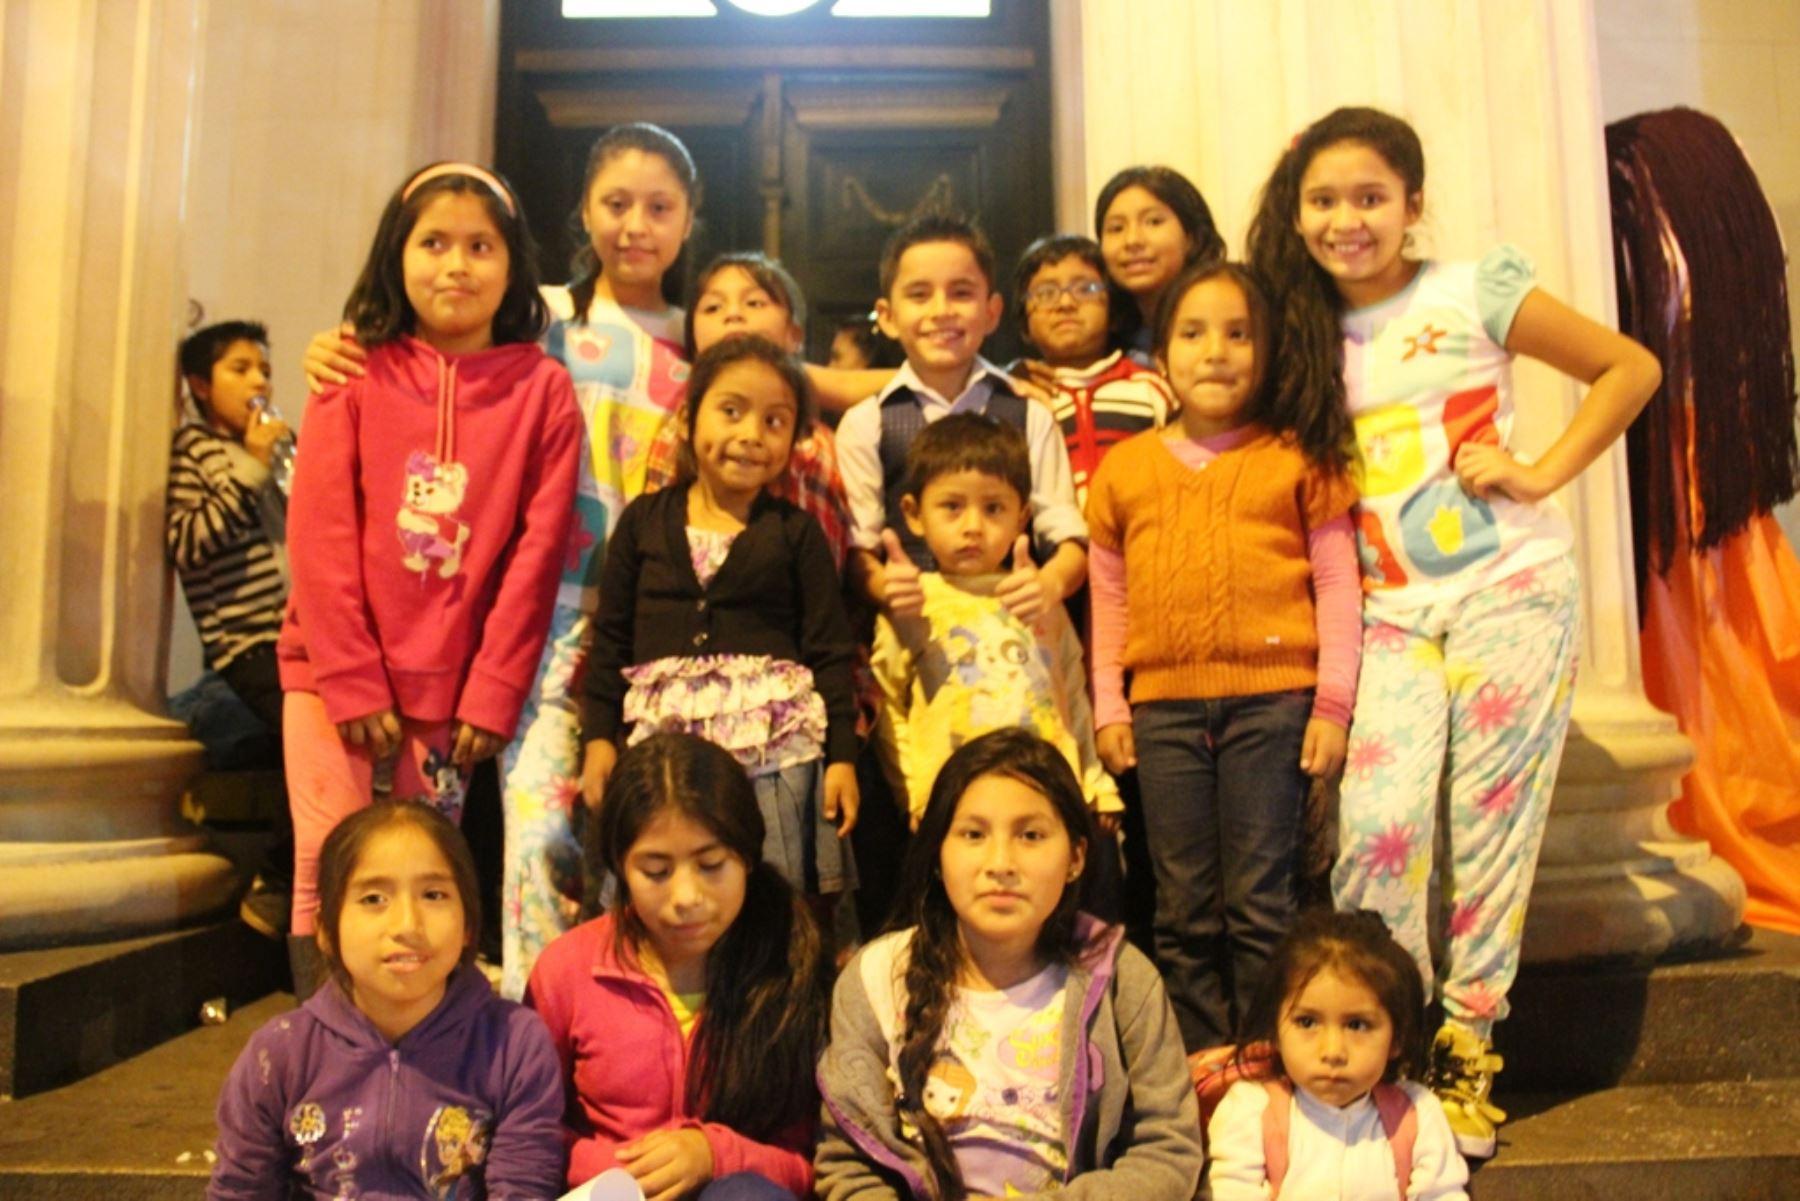 Instan al Congreso debatir y aprobar la ley contra el castigo de niños. Foto: ANDINA/Difusión.